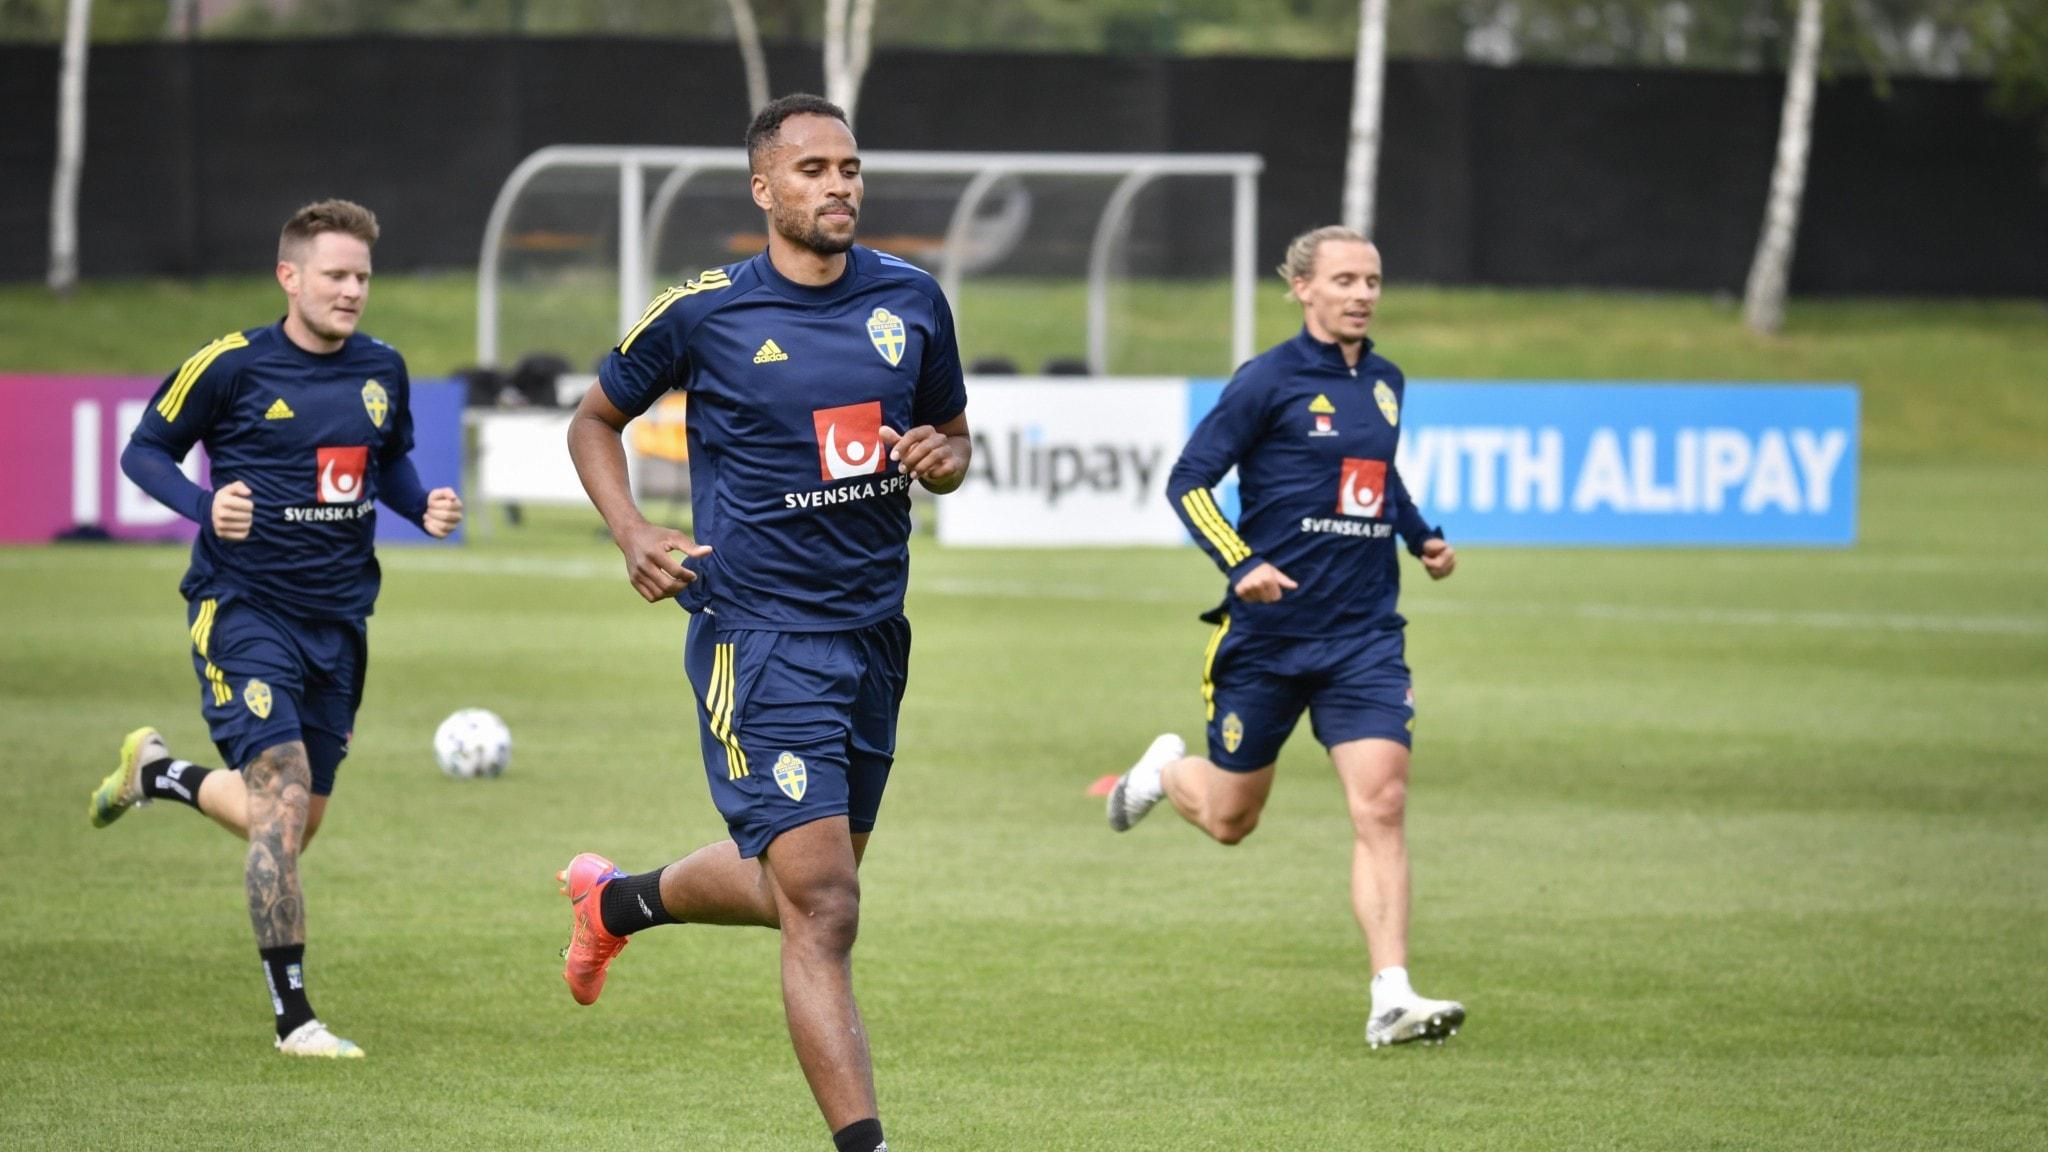 Landslaget tränar i Göteborg, inför fotbolls-EM.